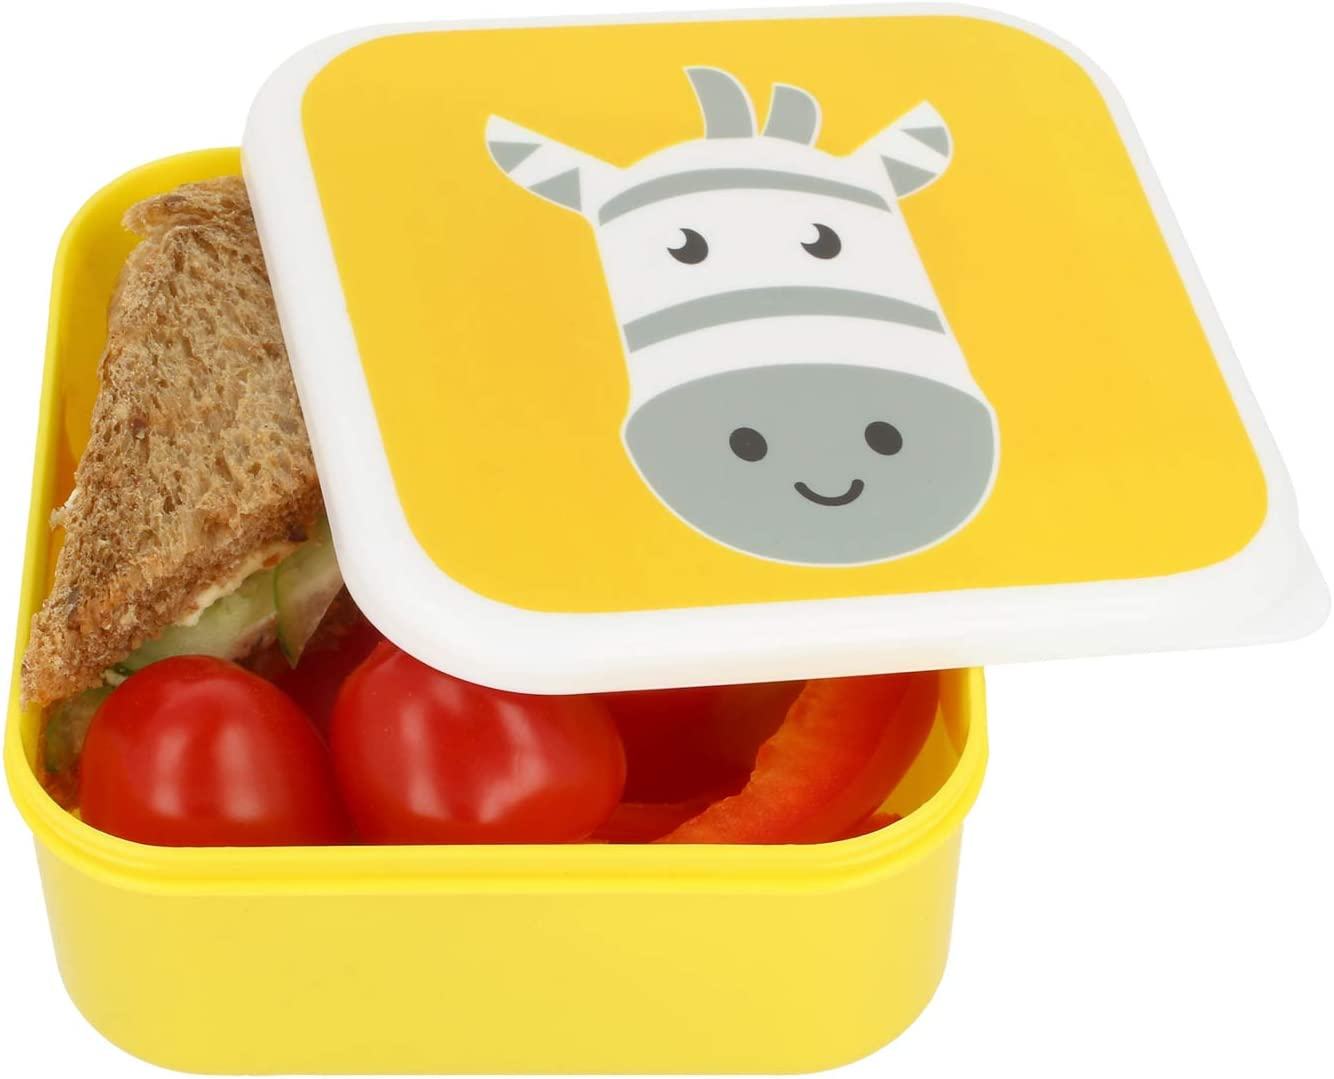 mohito Bo/îte /à Lunch Bo/îte /à bento Owl Lunch Box Bento Portable Bo/îte /à Pique-Nique Limentaire Fruits Storage Container Lunch Box Bo/îte de Rangement Aliments pour Enfants pour Adultes et Enfant